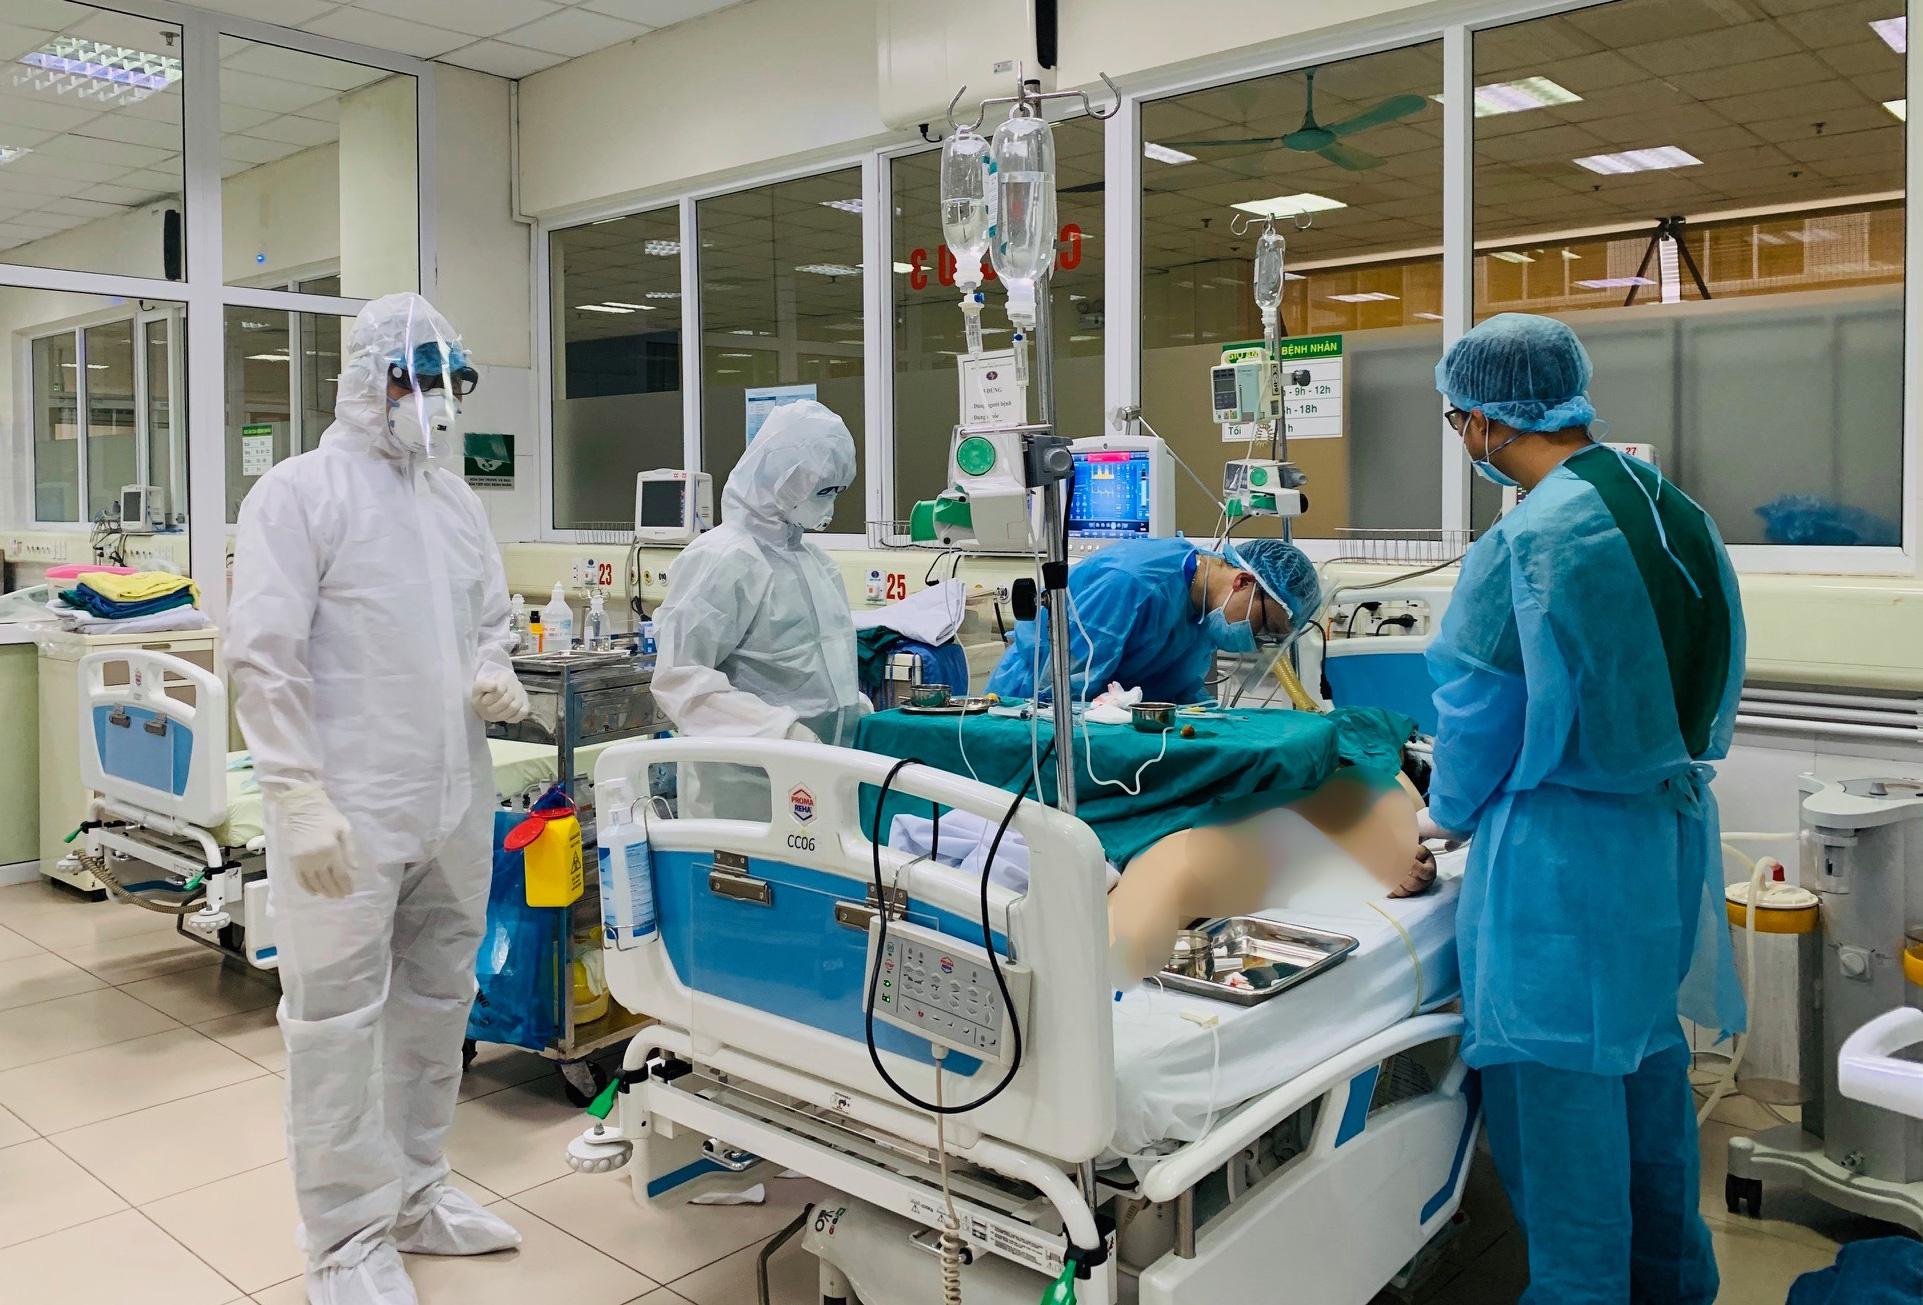 Việt Nam đương đầu với Covid-19: Đeo khẩu trang lên và kiên cường chiến đấu, chúng ta sẽ chiến thắng dịch bệnh thôi!-2